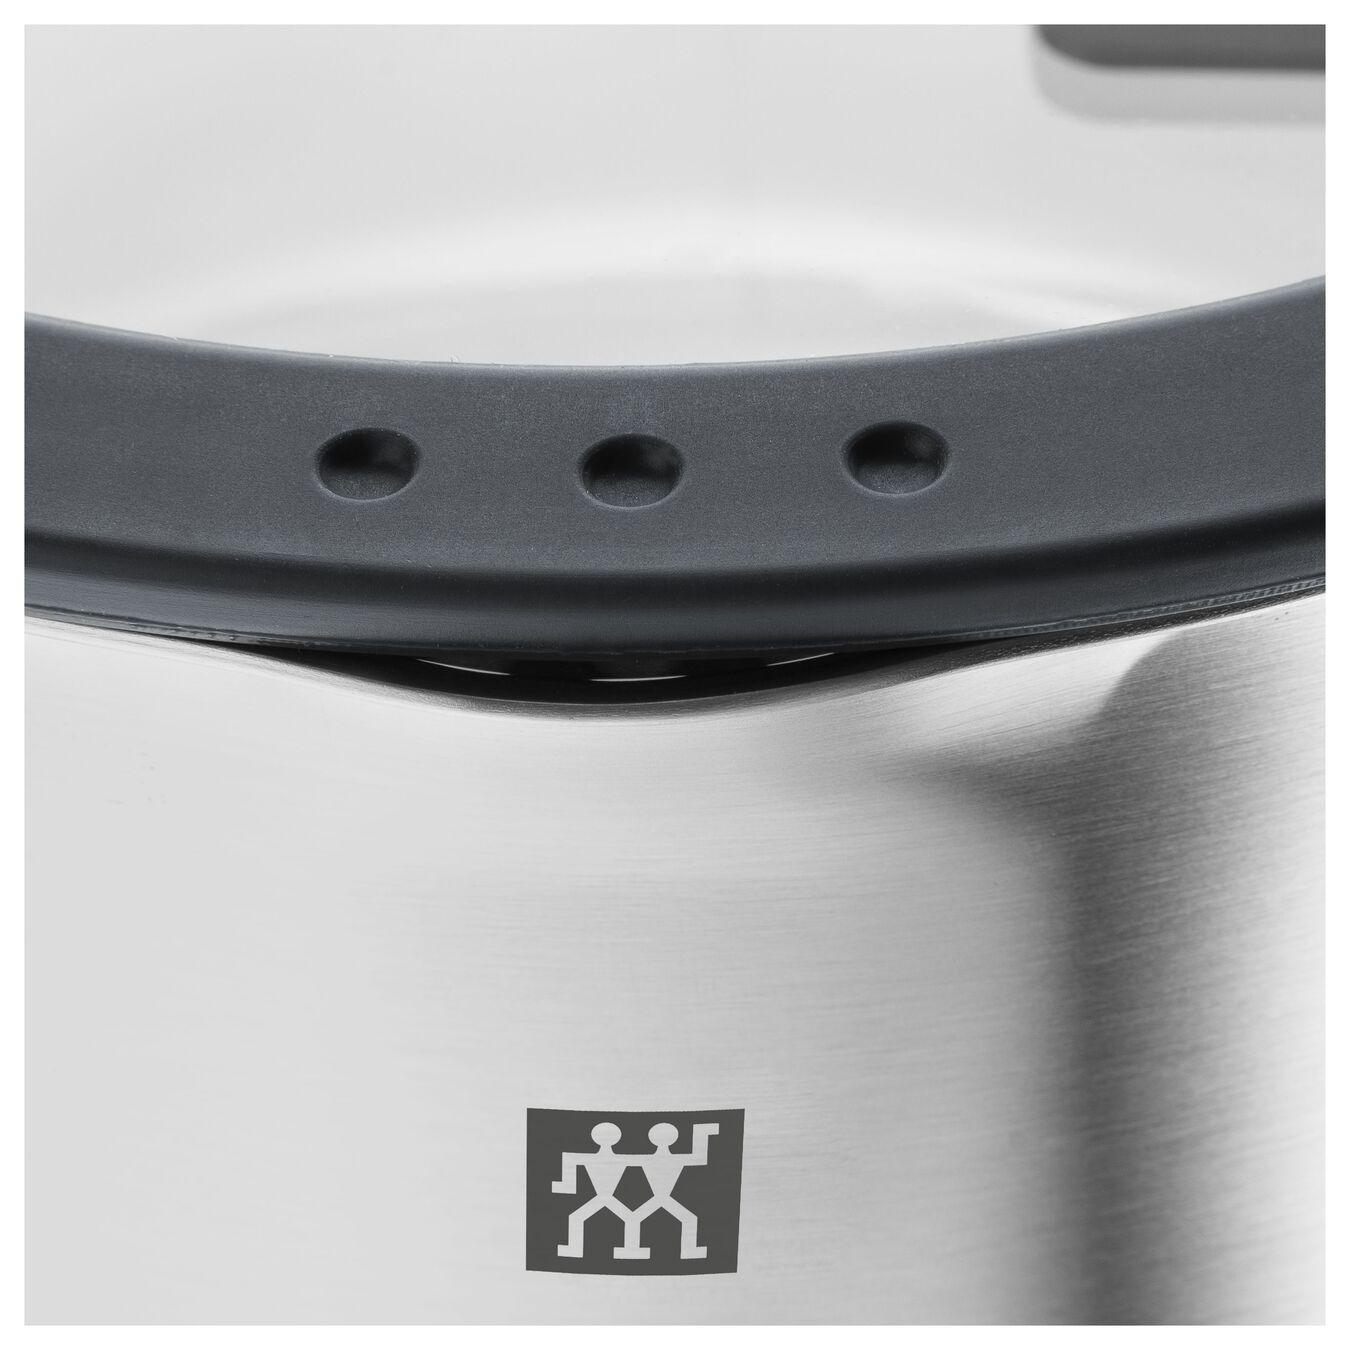 Pentola - 24 cm, acciaio inox,,large 2